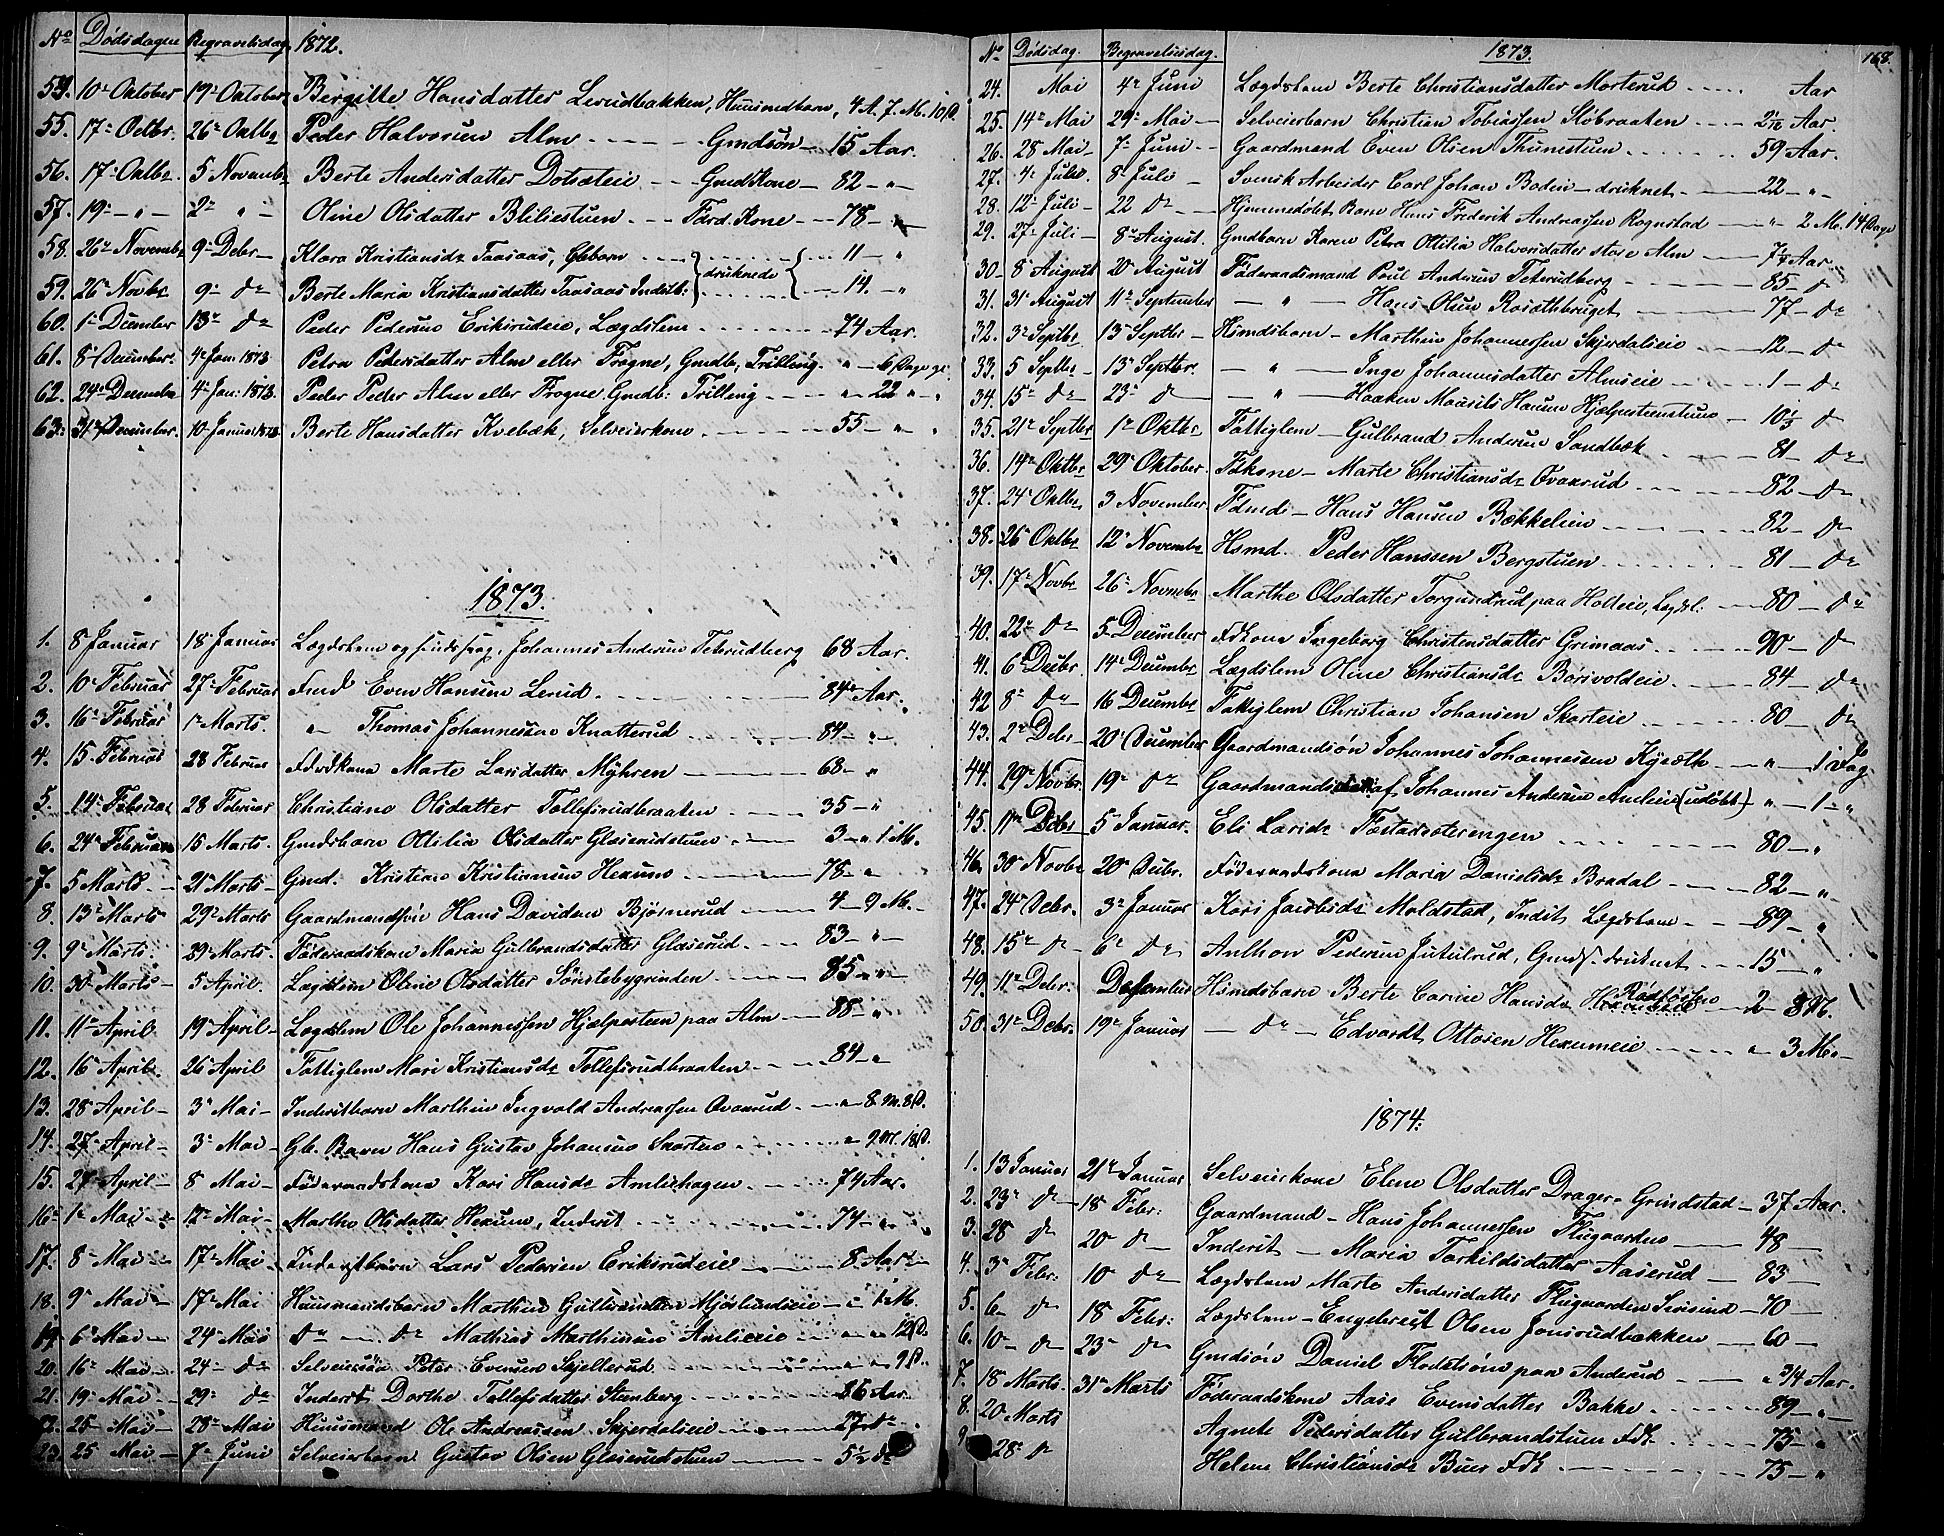 SAH, Vestre Toten prestekontor, H/Ha/Hab/L0006: Klokkerbok nr. 6, 1870-1887, s. 168